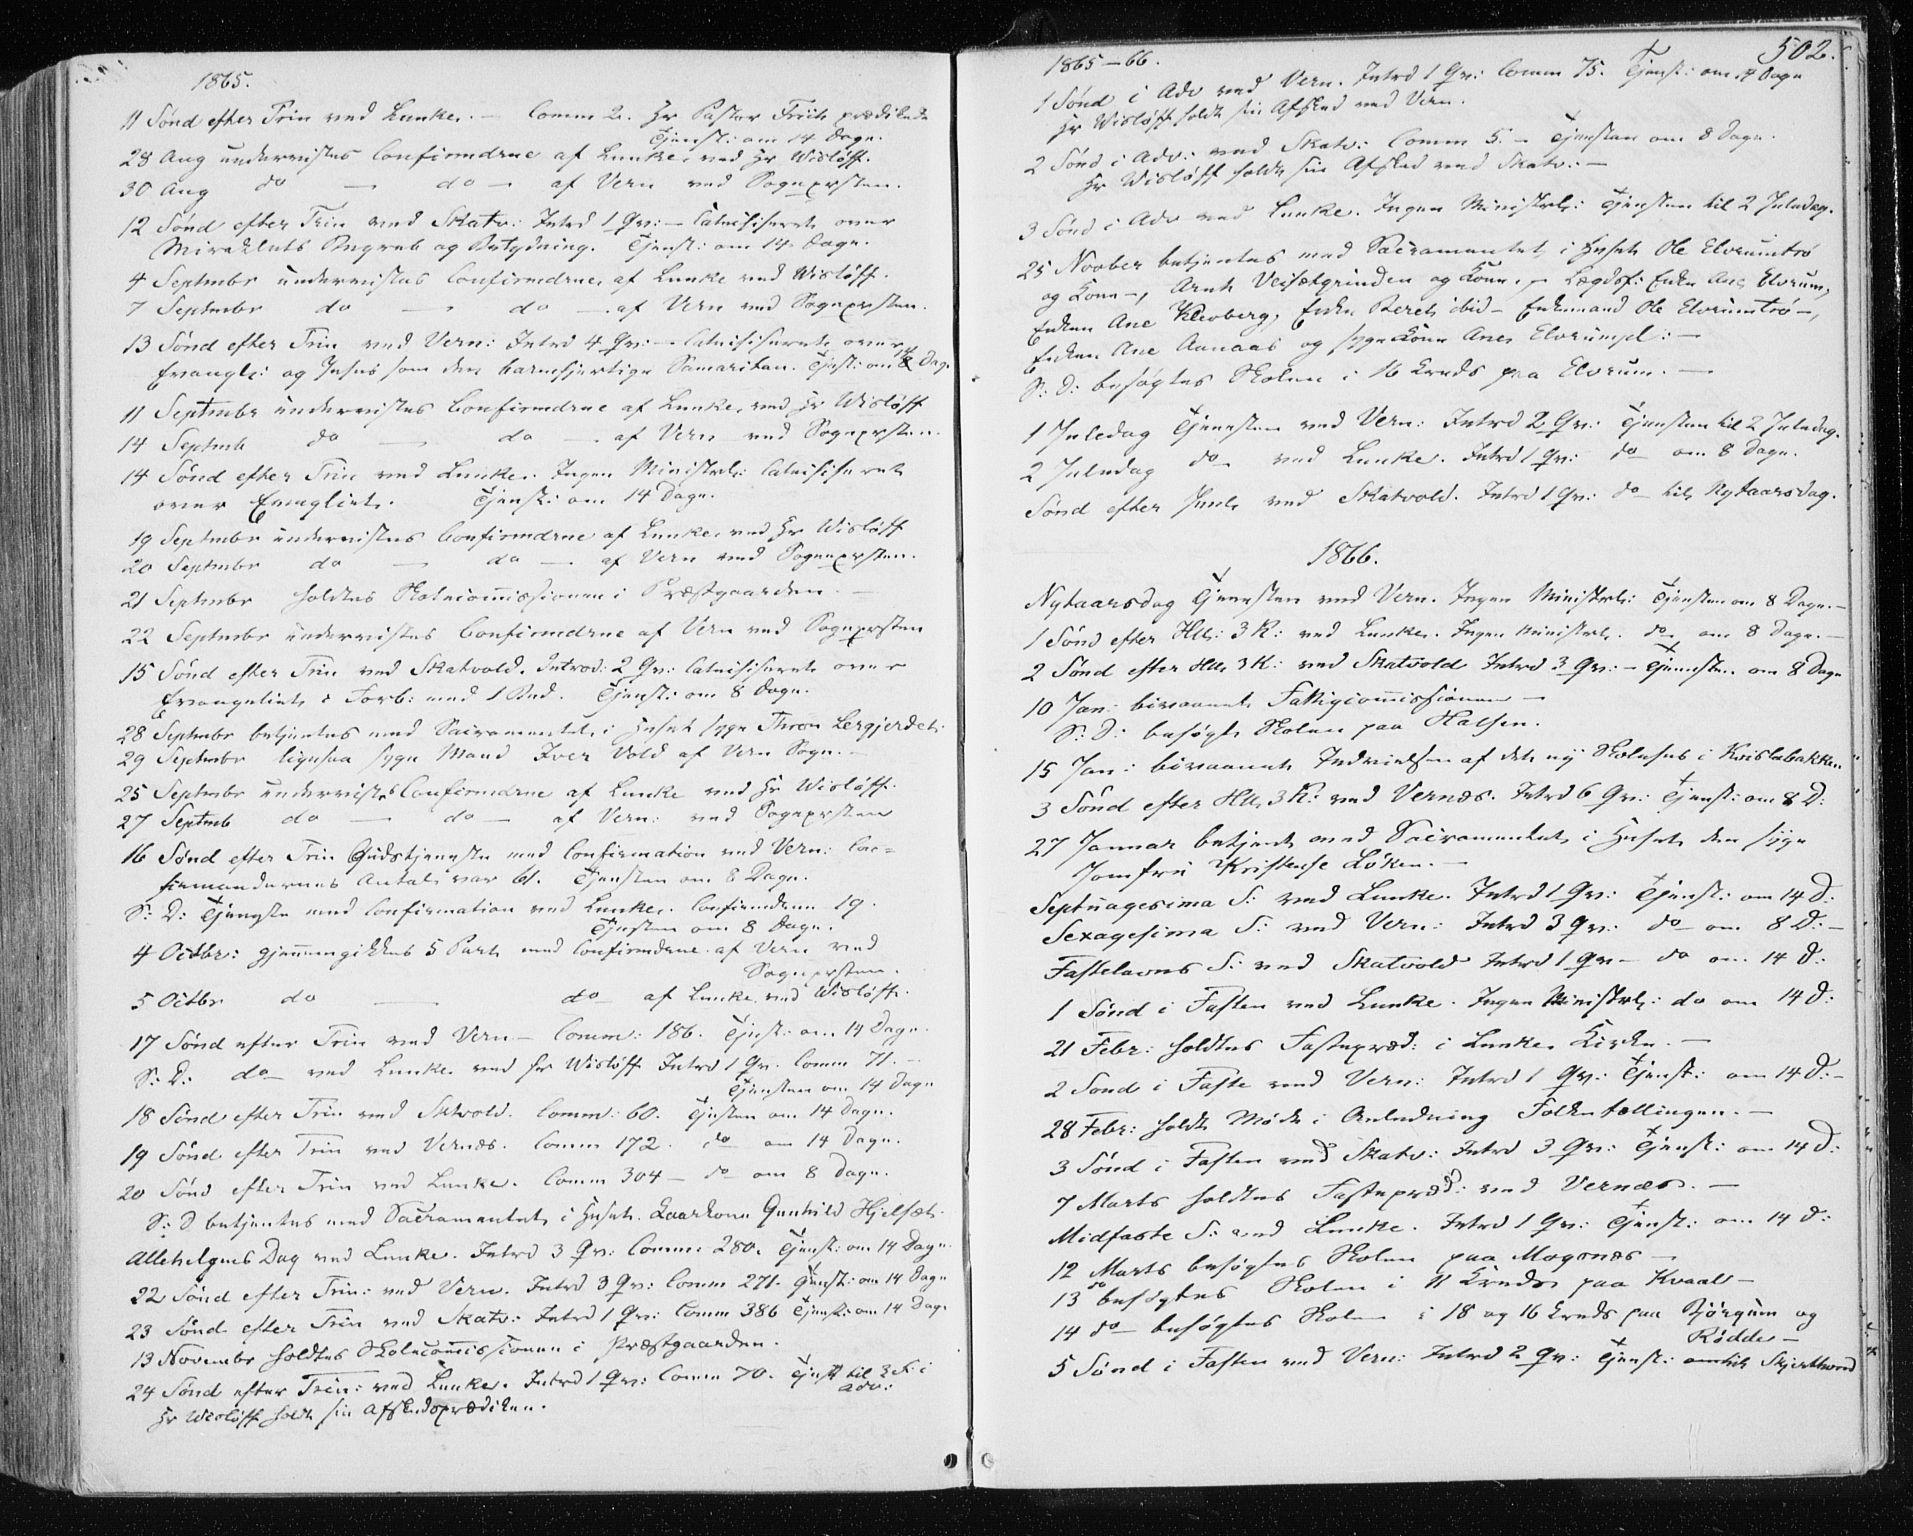 SAT, Ministerialprotokoller, klokkerbøker og fødselsregistre - Nord-Trøndelag, 709/L0075: Ministerialbok nr. 709A15, 1859-1870, s. 502